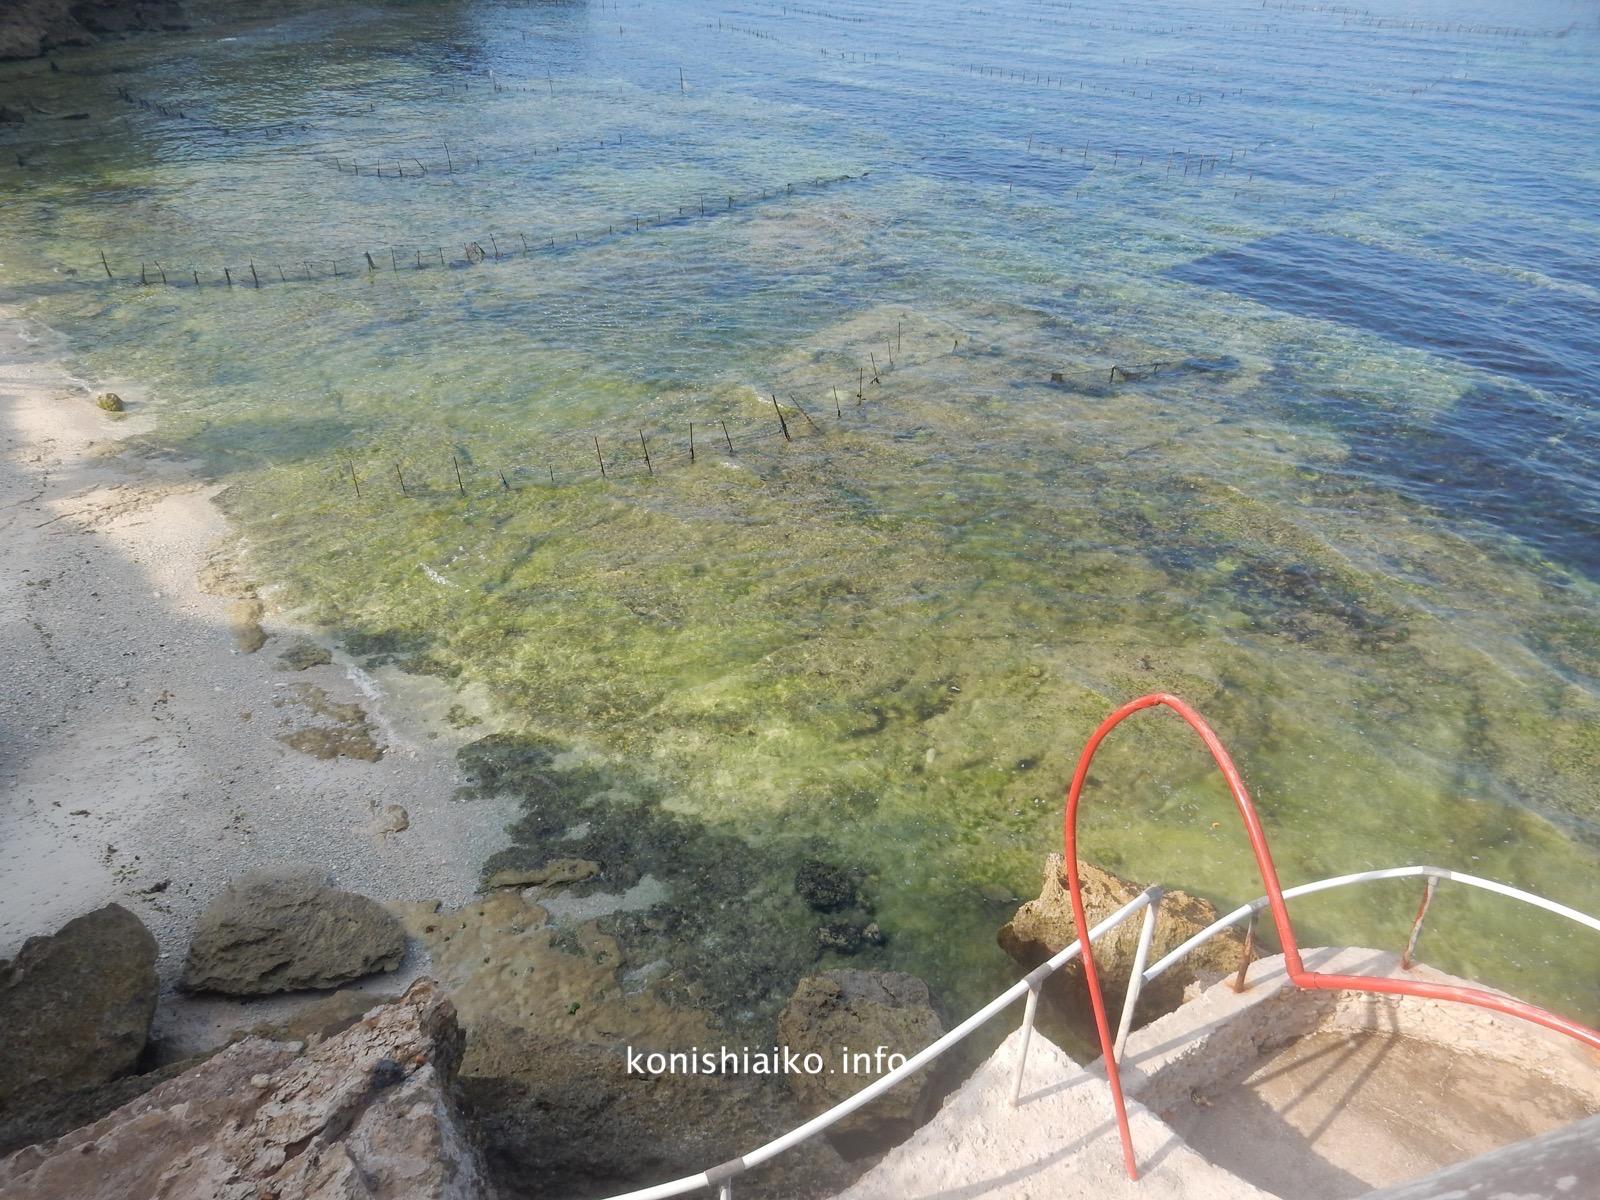 水は綺麗だけどい草を養殖しているのでシュノーケリングには不向き